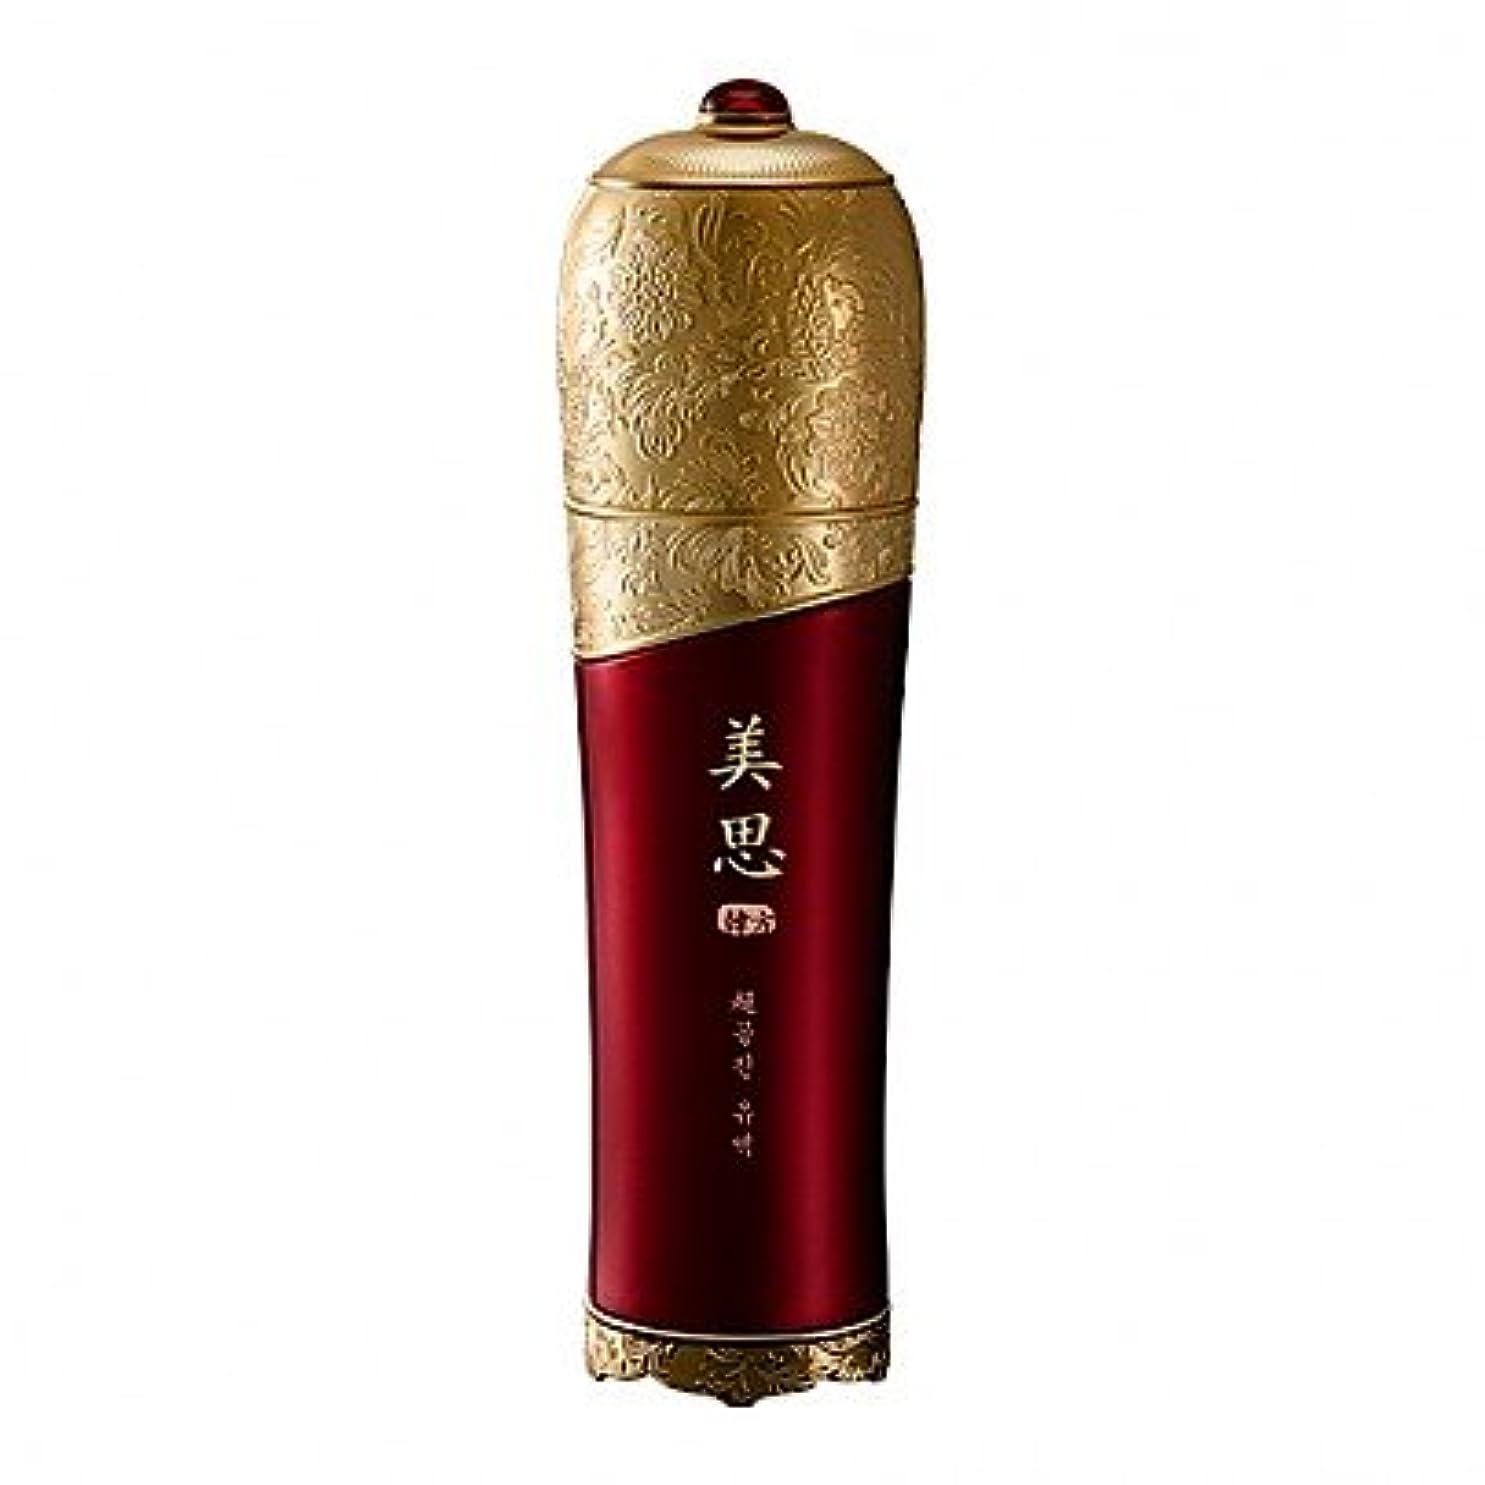 転用権限ほこりっぽいMISSHA/ミシャ チョゴンジン 乳液 (旧チョボヤン) 125ml[海外直送品]